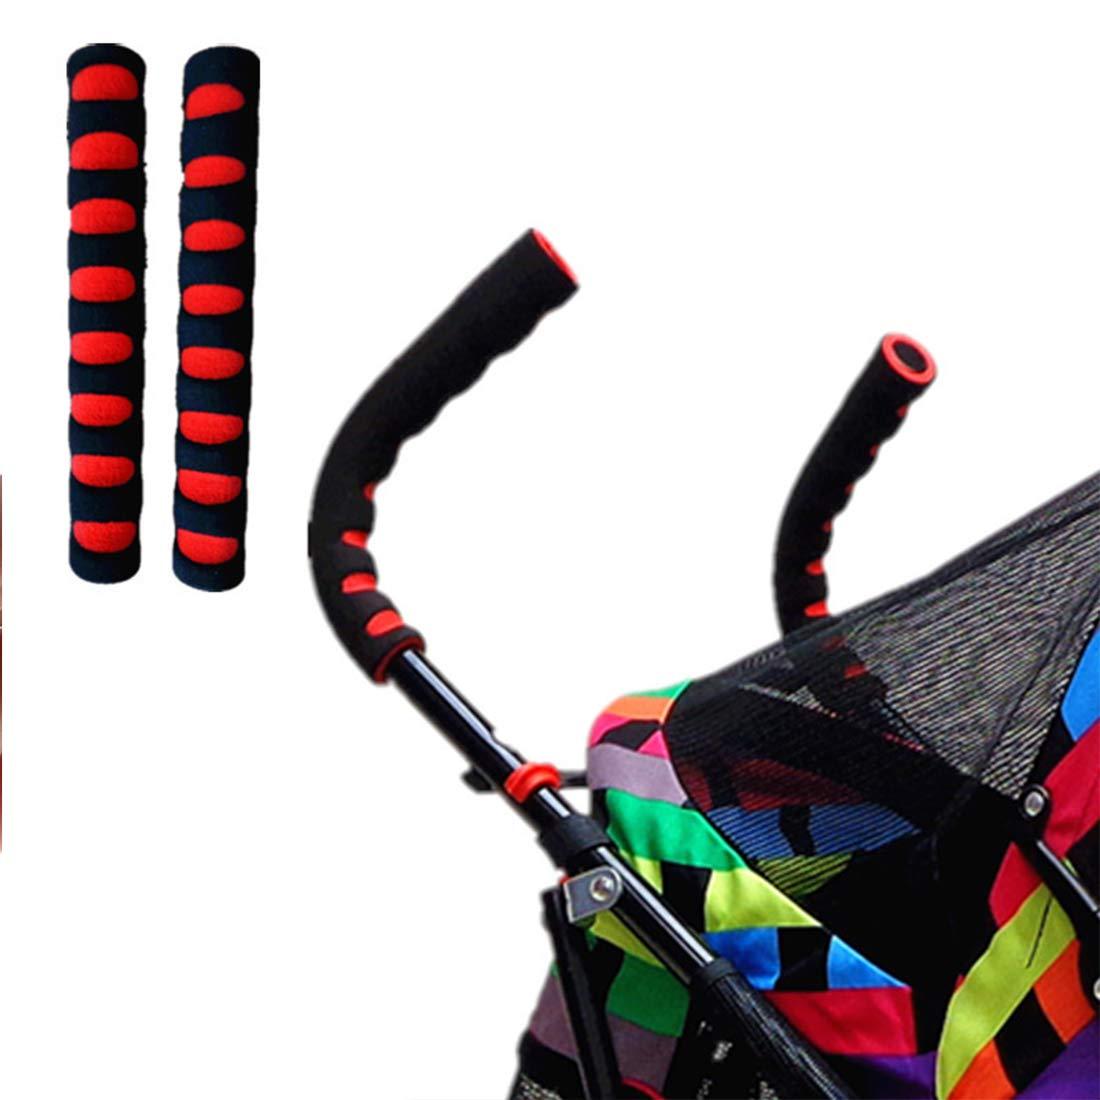 2 piezas//juego de cubierta de manija de coche de beb/é//cochecito de beb/é Juego de reposabrazos de espuma EVA//accesorios de cochecito de beb/é